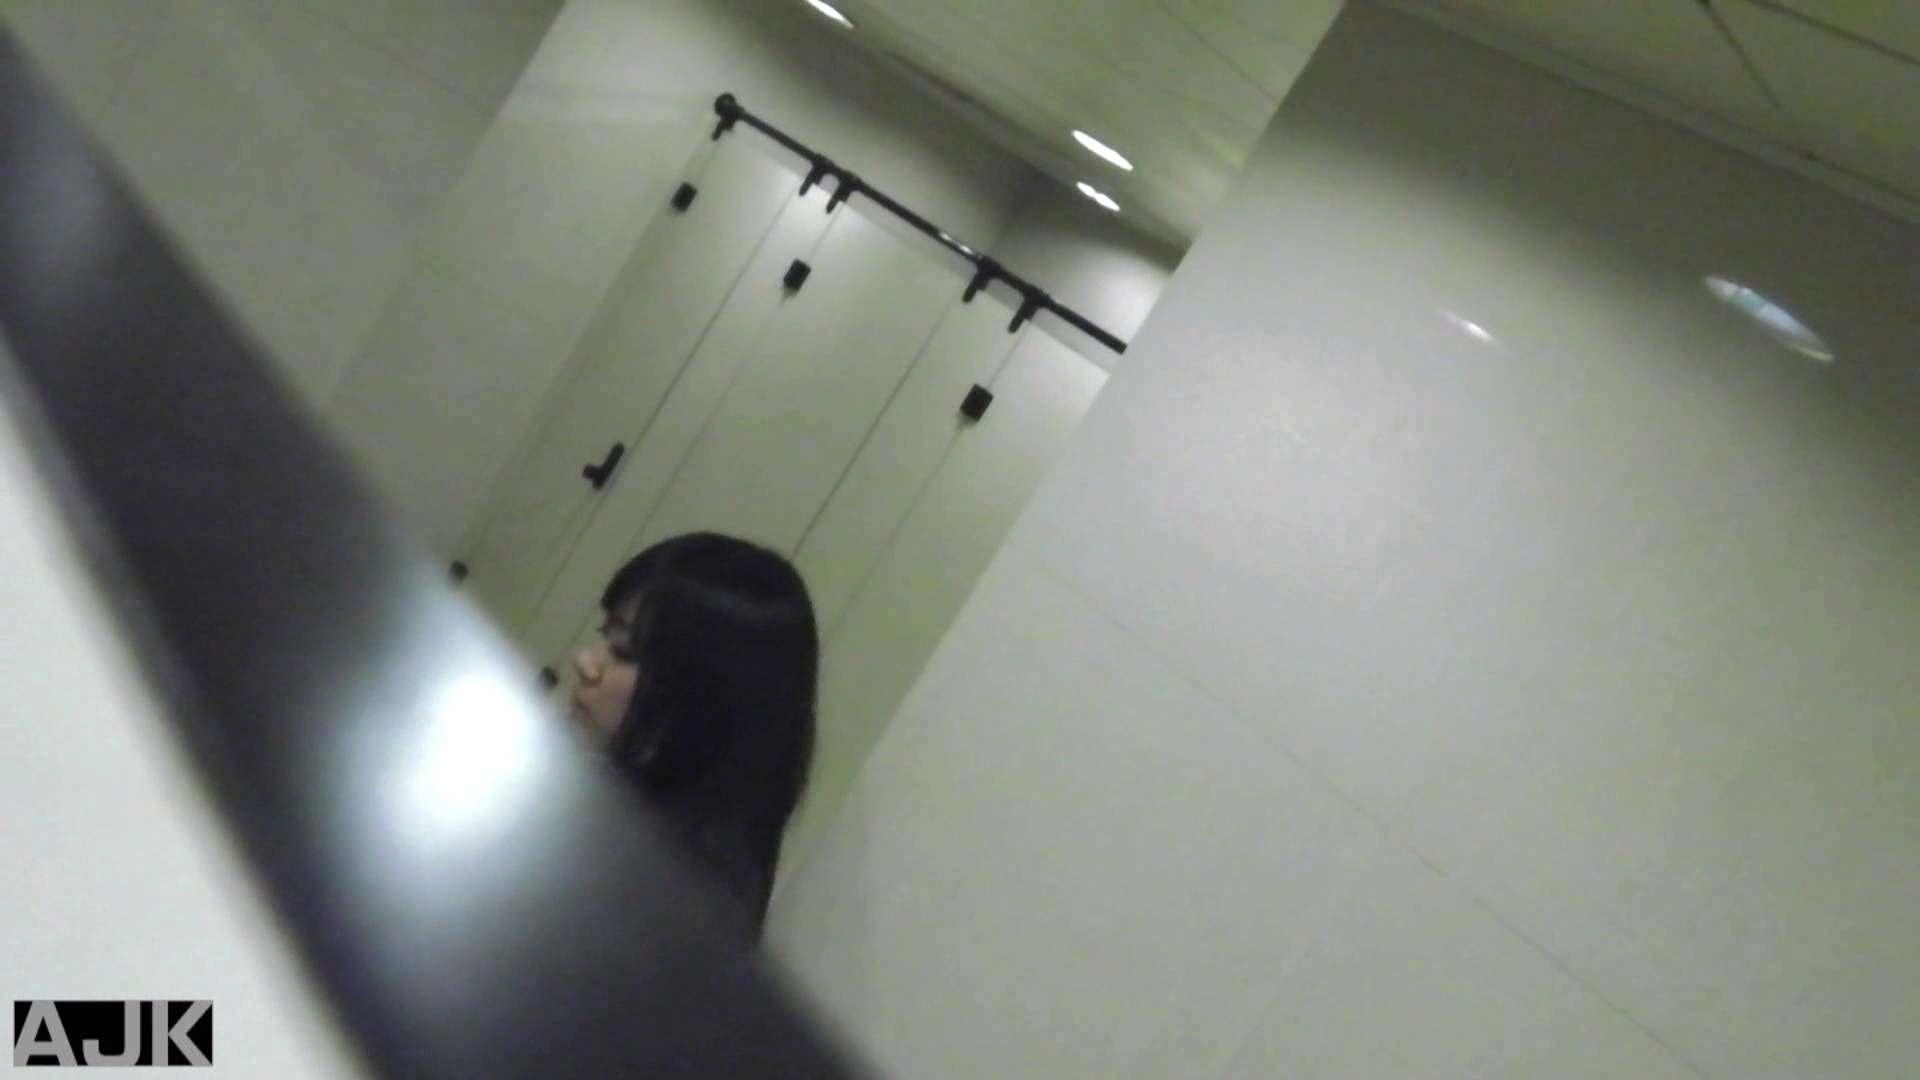 隣国上階級エリアの令嬢たちが集うデパートお手洗い Vol.14 OLの実態  97pic 54